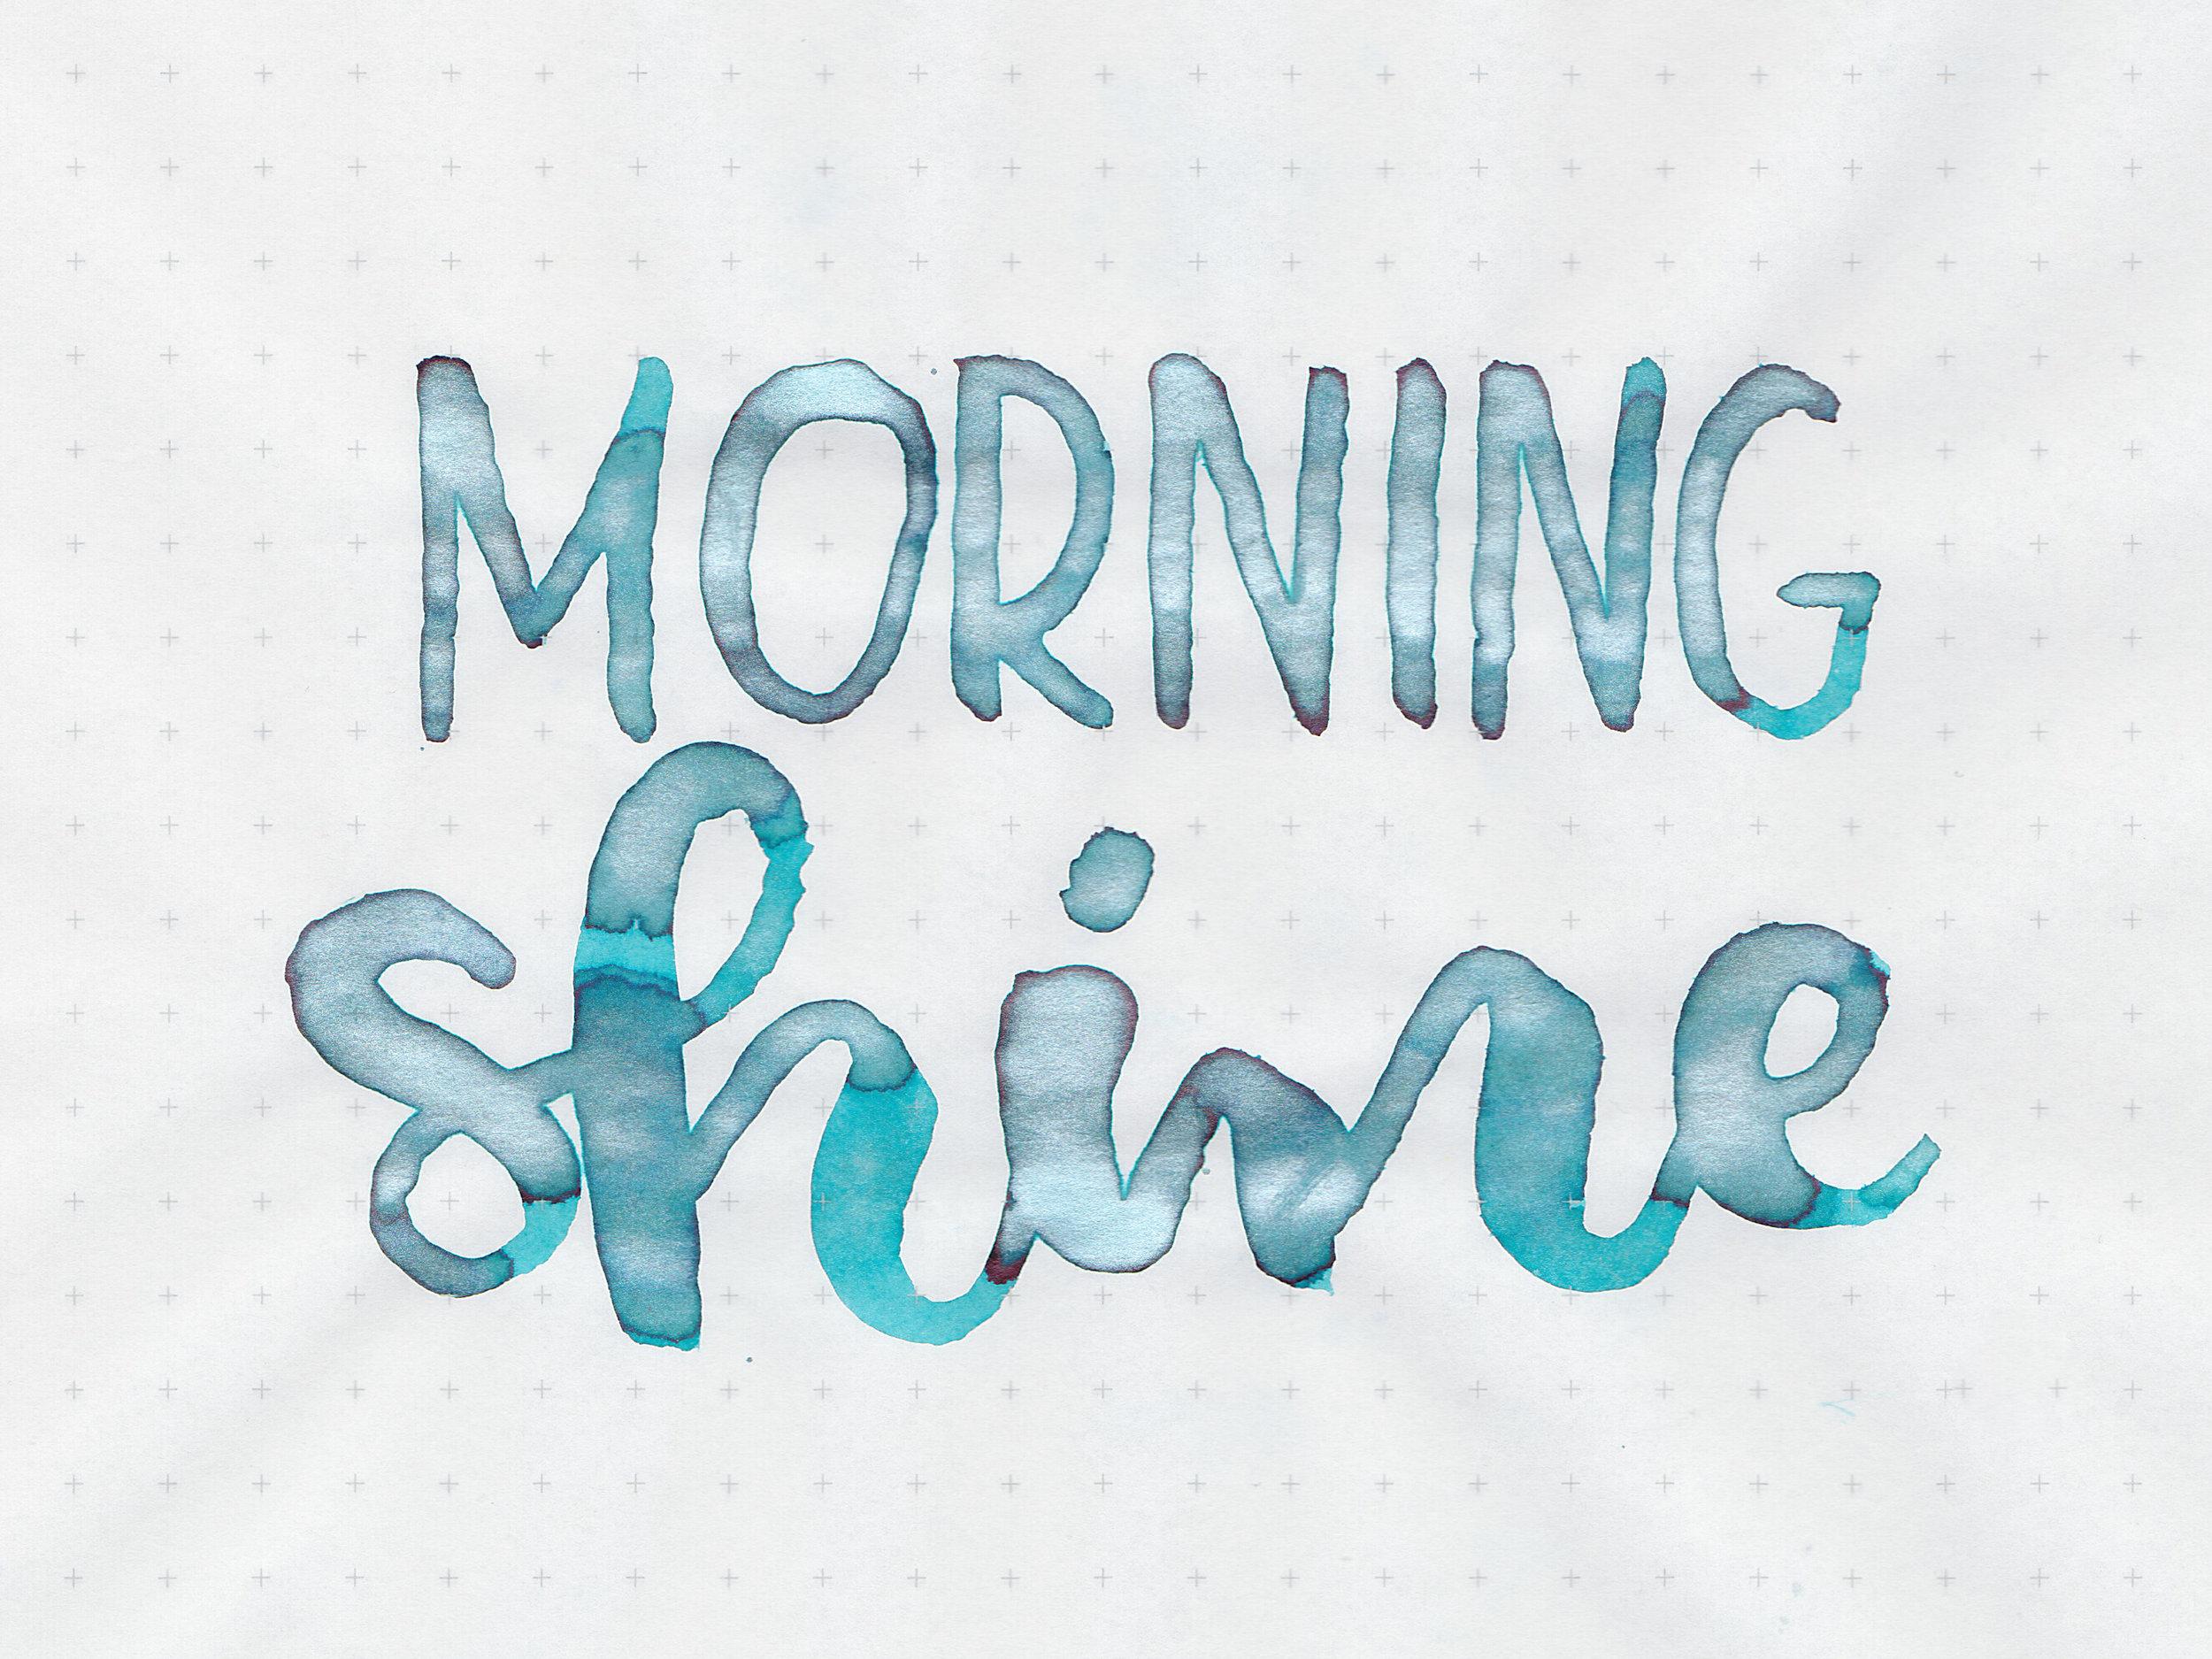 ro-morning-shine-2.jpg